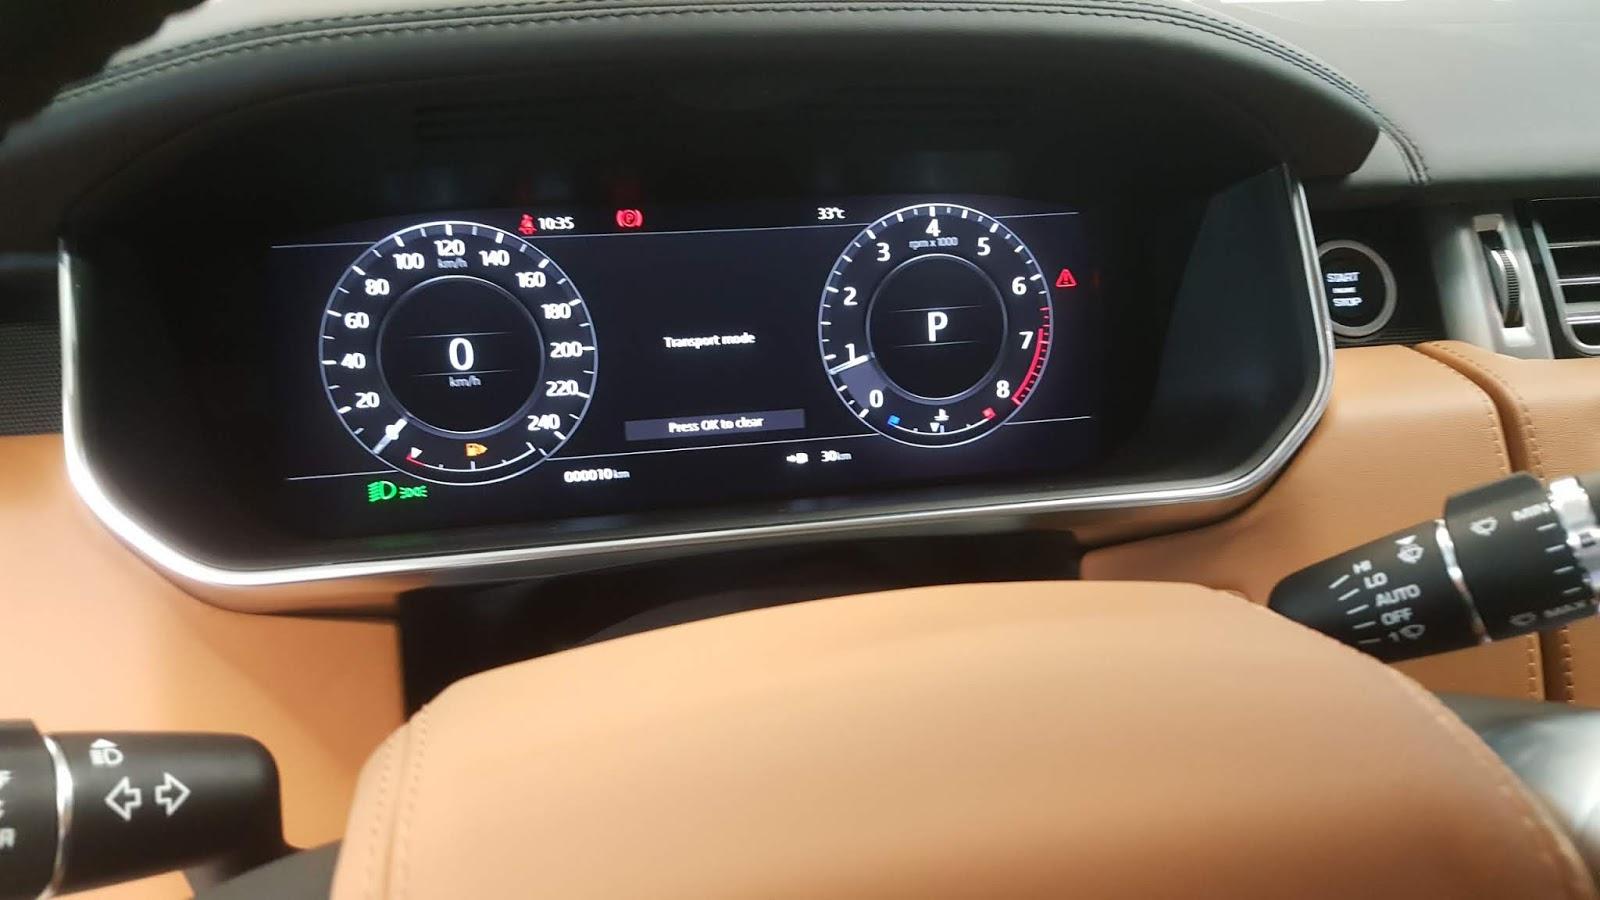 Mẫu Động Cơ 3.0 V6 Range Rover Phiên Bản Dài LWB Autobiography 2018 Model 2019 Giao Ngay Giá Bao Nhieu Tiền - màu silicon silver ánh kim bạc